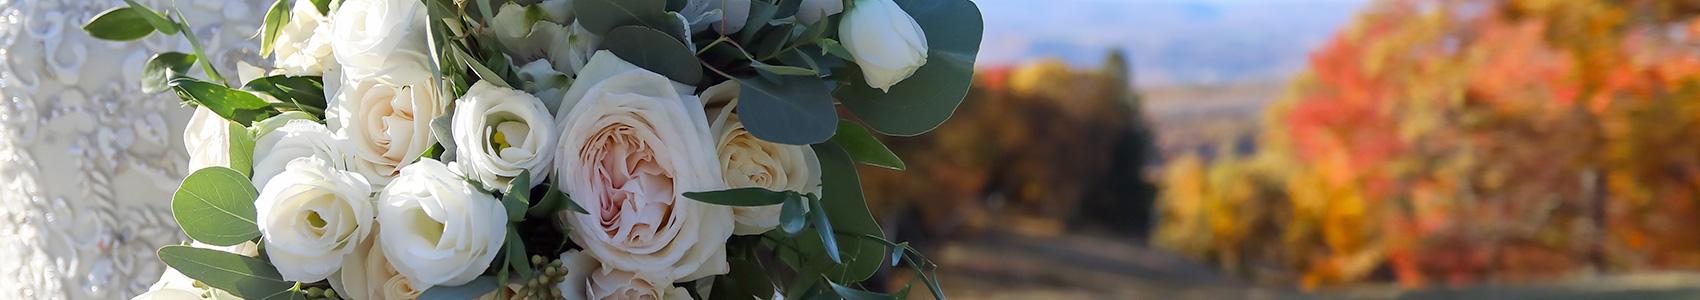 wedding flowers at Laurel Mountain